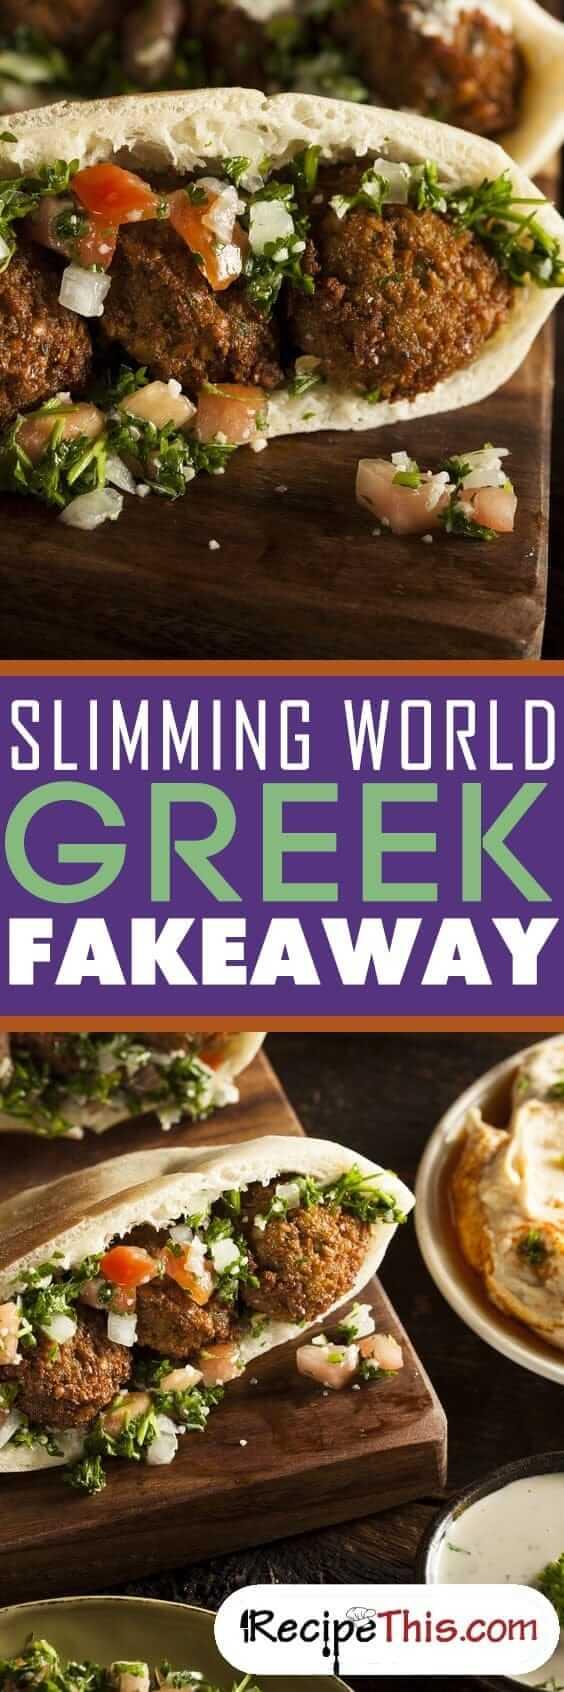 Slimming World Greek Fakeaway